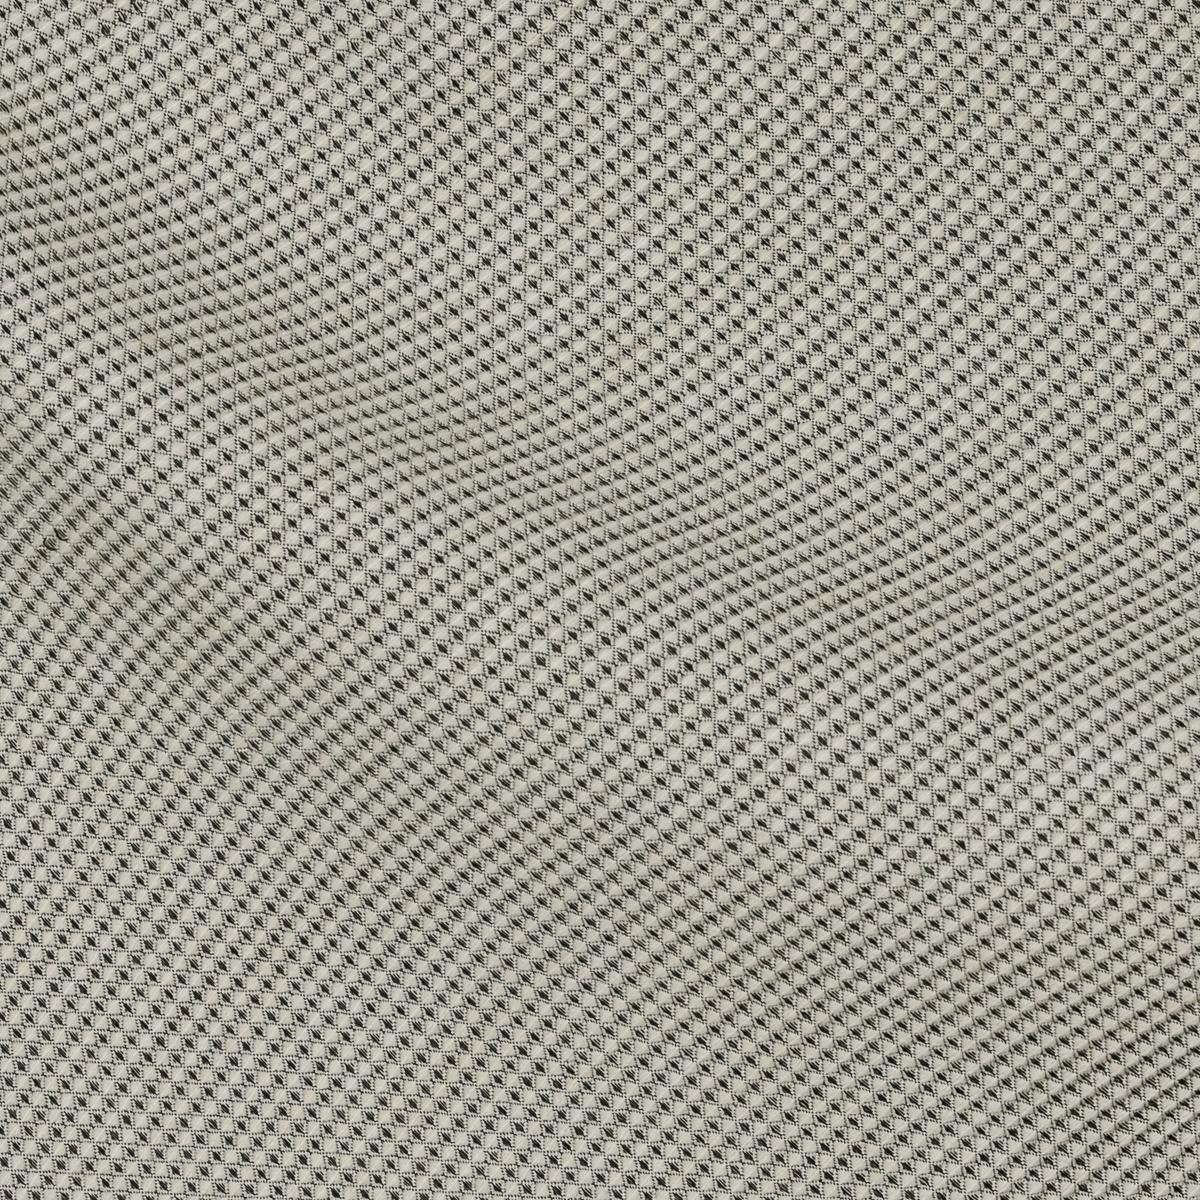 Костюмный шерстяной жаккард в объемный черно-белый ромб